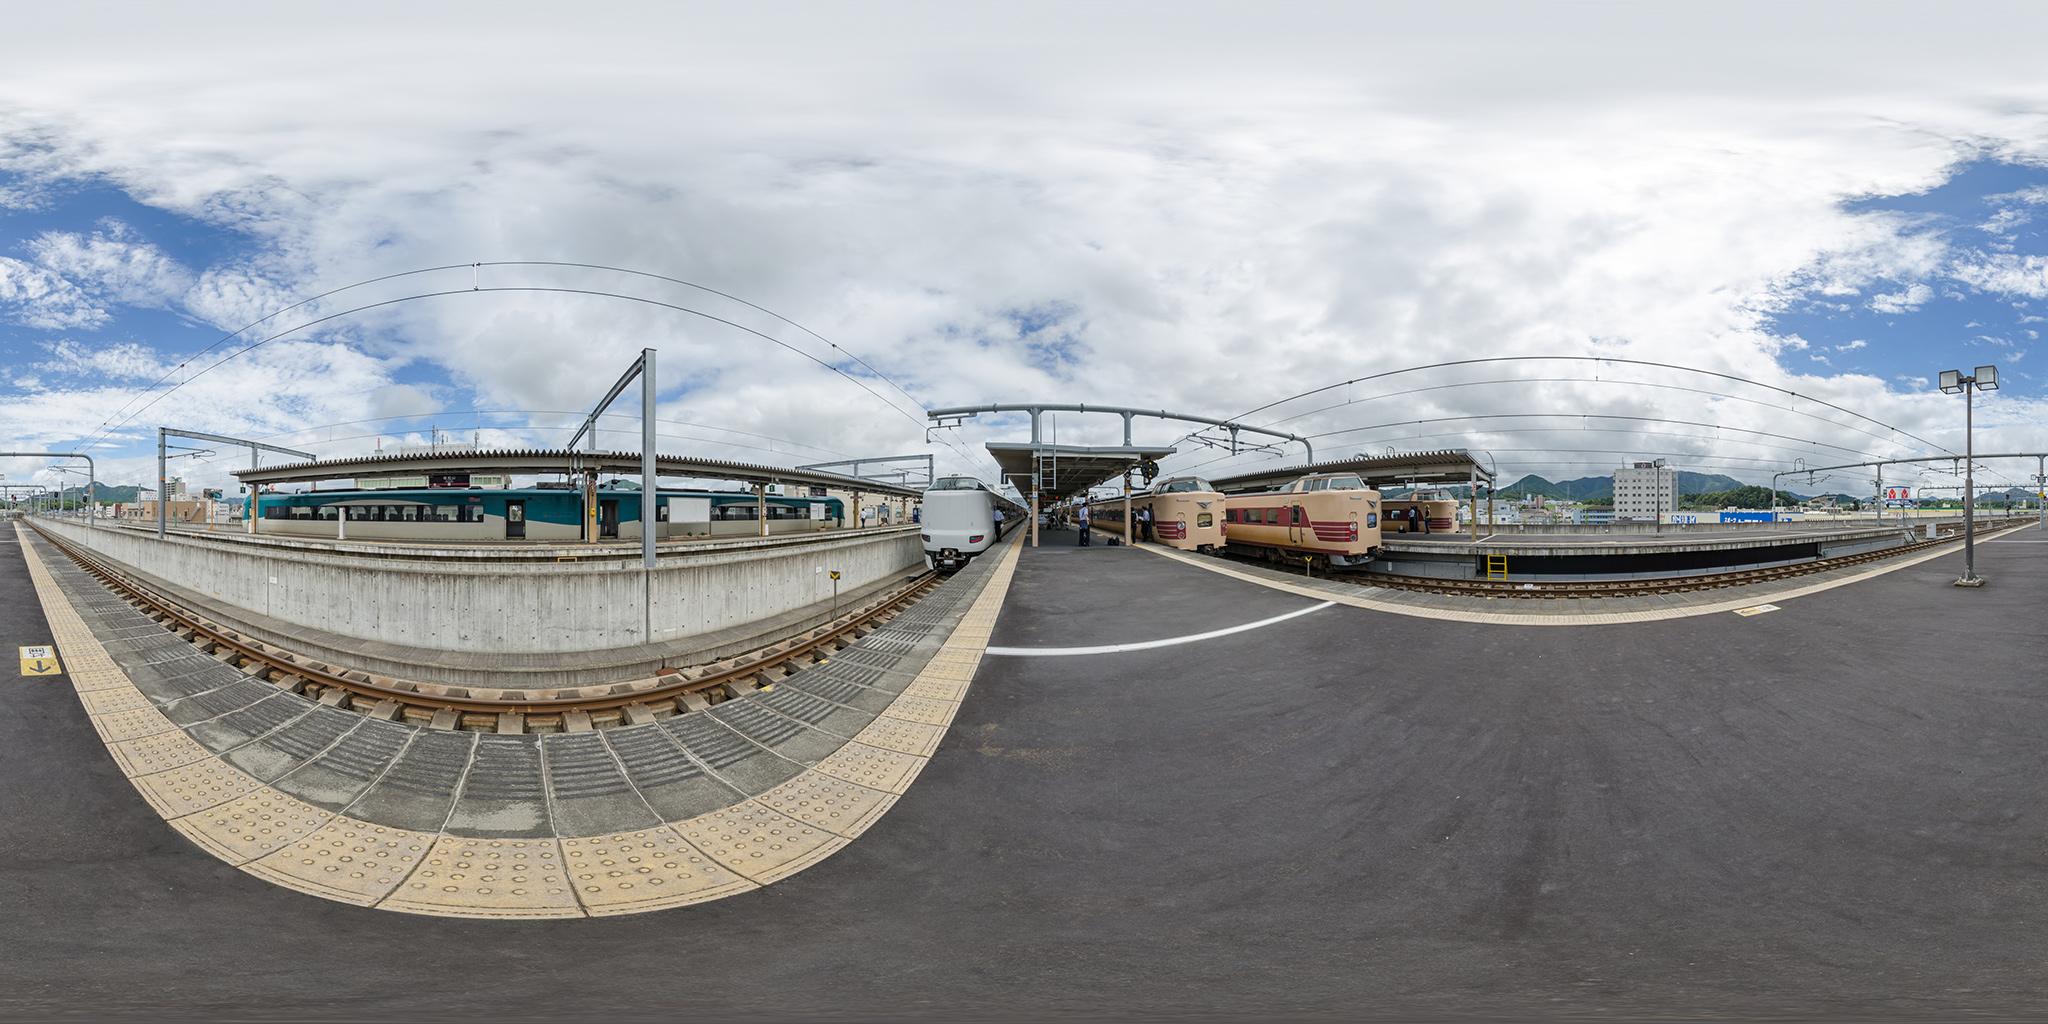 福知山駅にて381系3本と287系、KTR8000形、特急列車5本が並ぶ